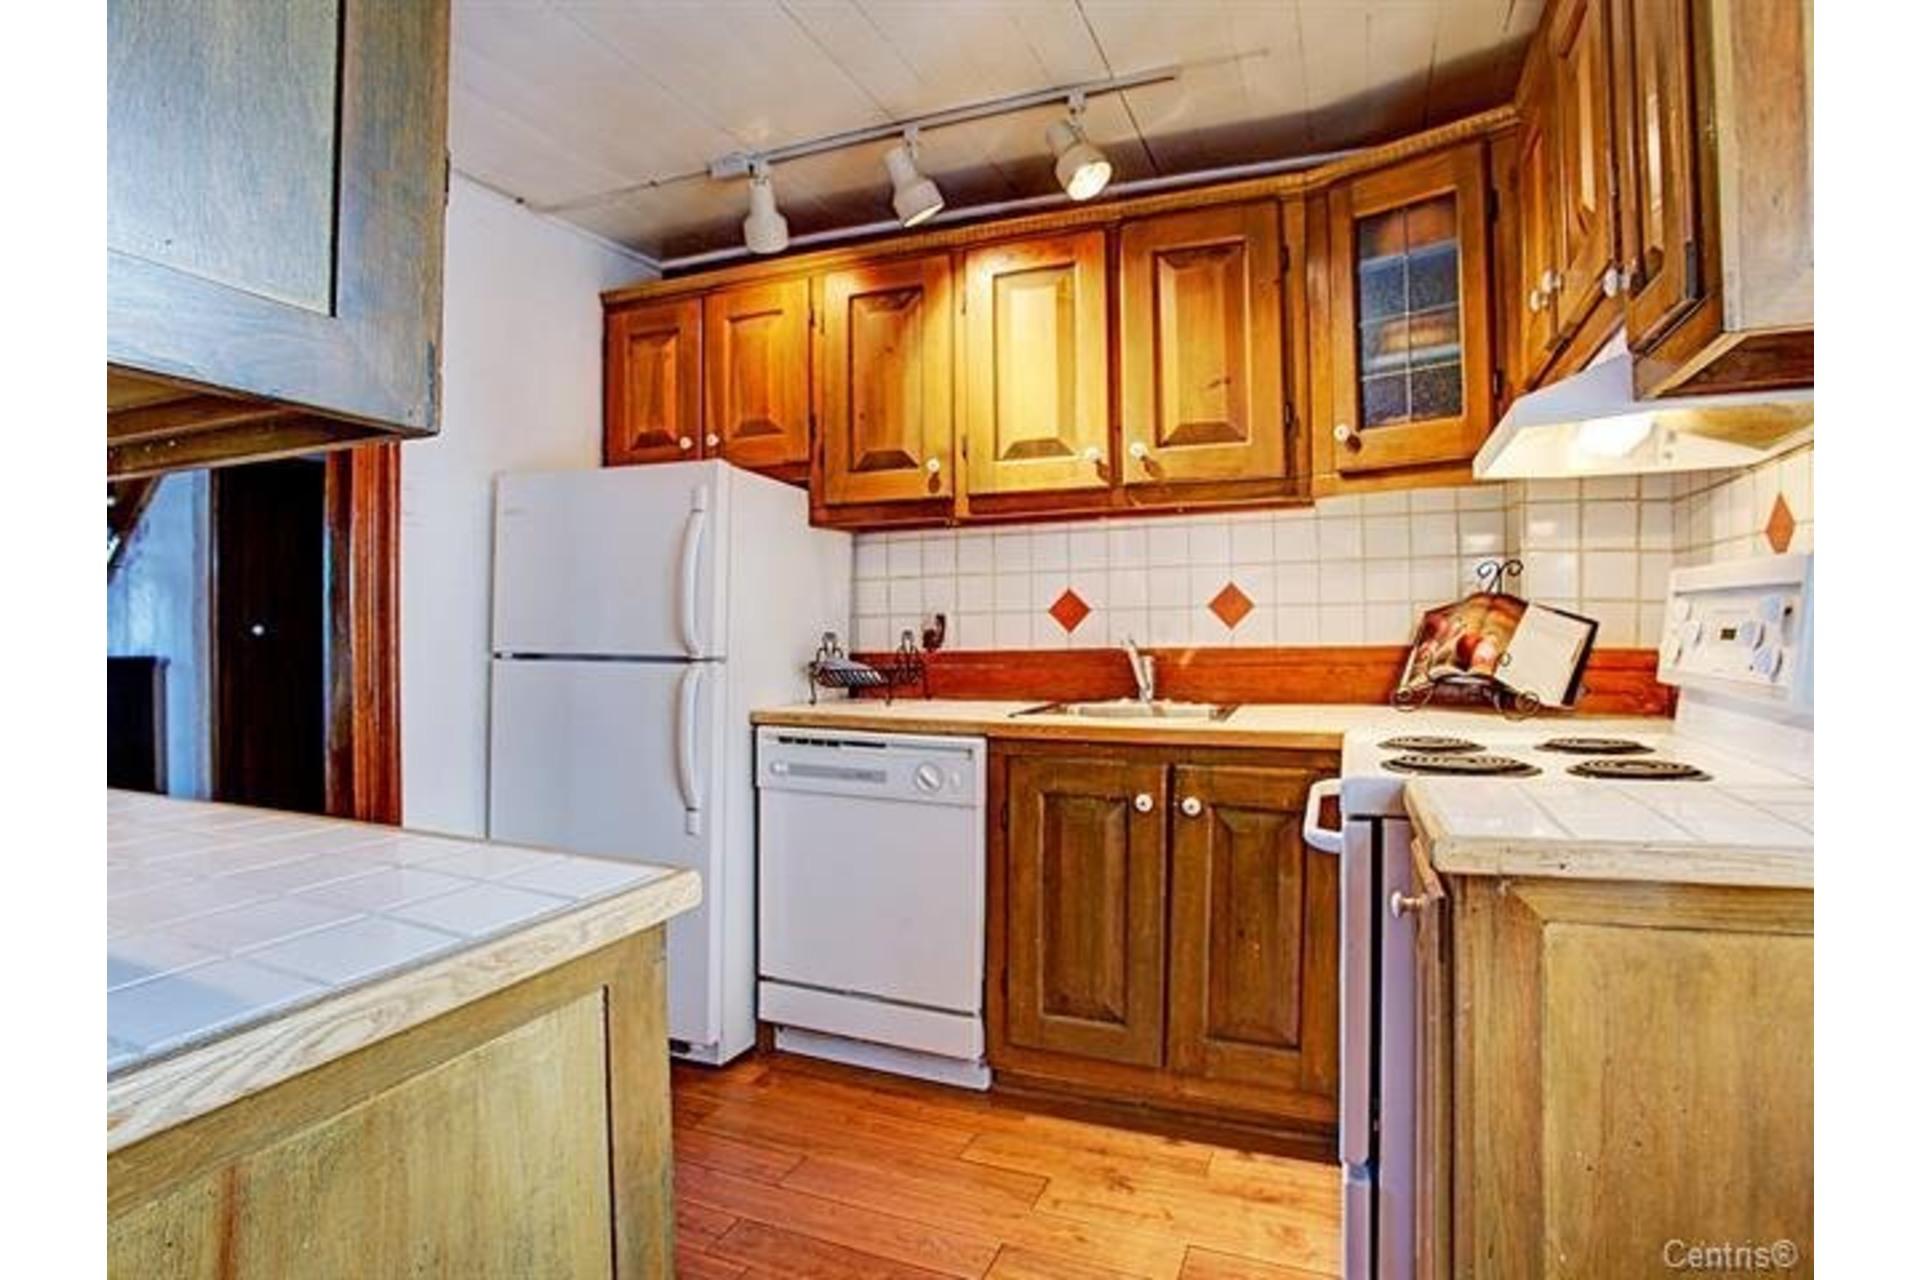 image 12 - MX - Casa sola - MX En venta Vaudreuil-Dorion - 12 habitaciones